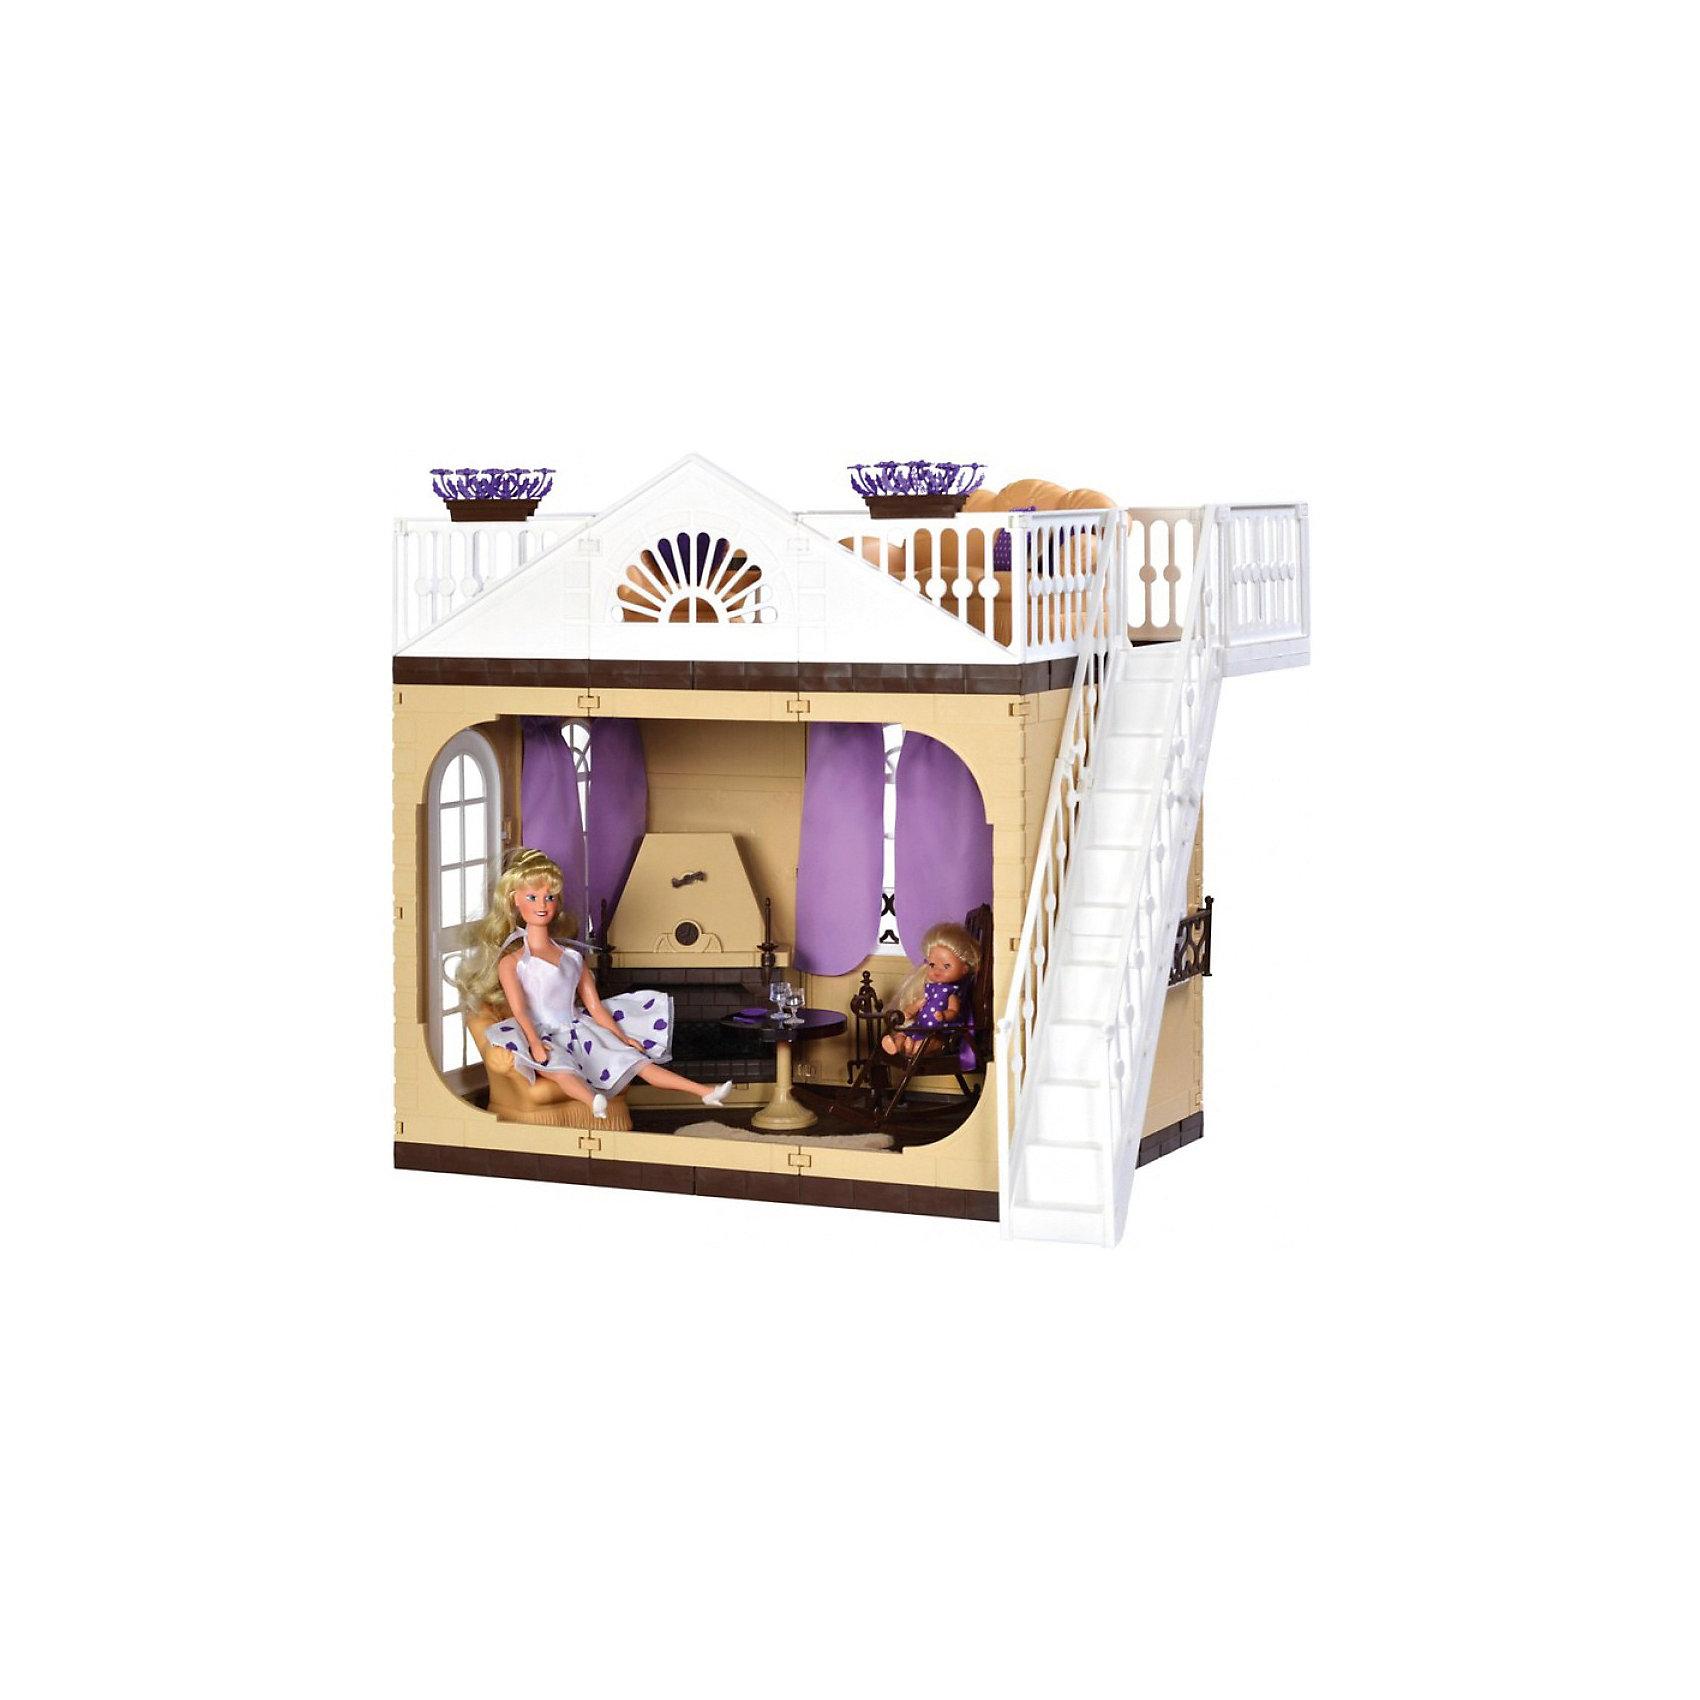 Огонек | Дом дачный Огонёк Коллекция, 47 см | Clouty